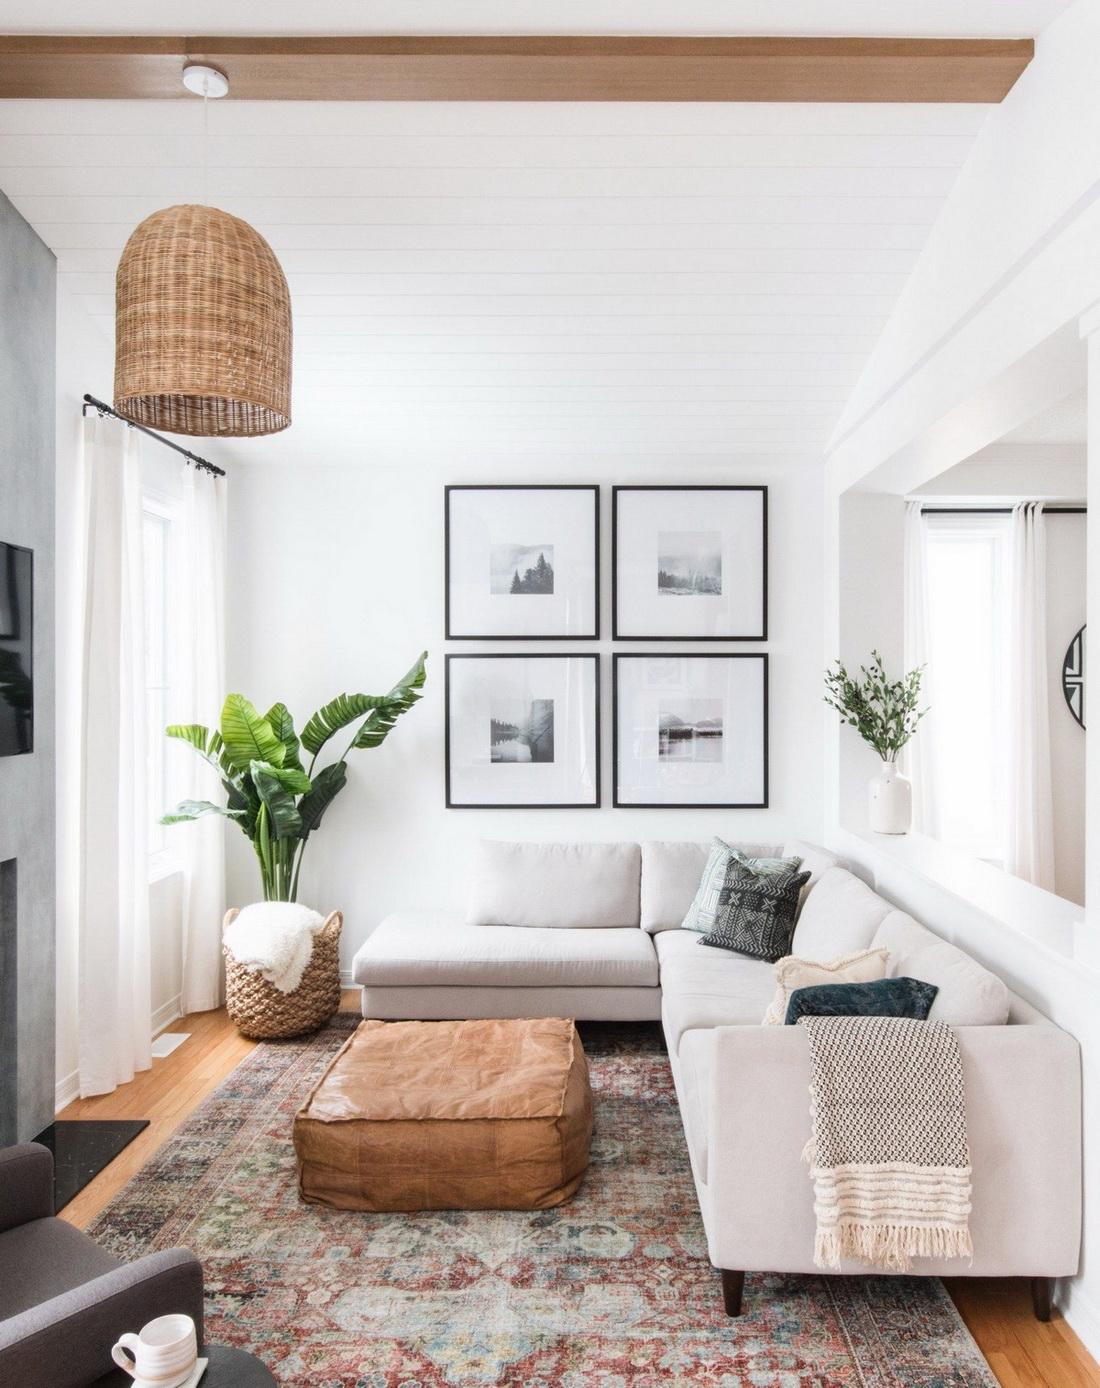 картин интерьер в маленьких квартирах в картинках самом деле